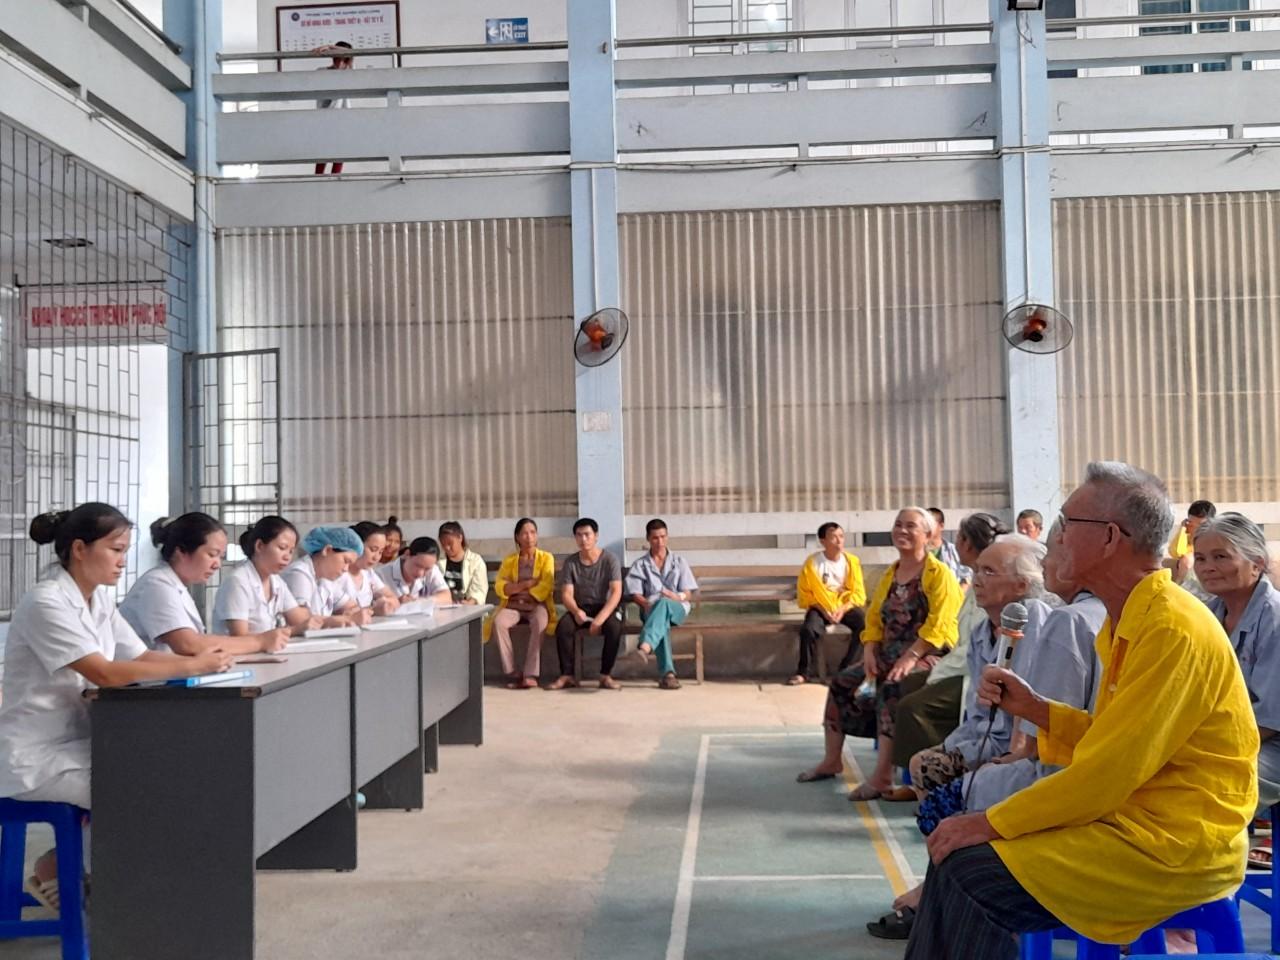 Trung tâm Y tế Hữu Lũng thực hiện họp hội đồng người bệnh tháng 7